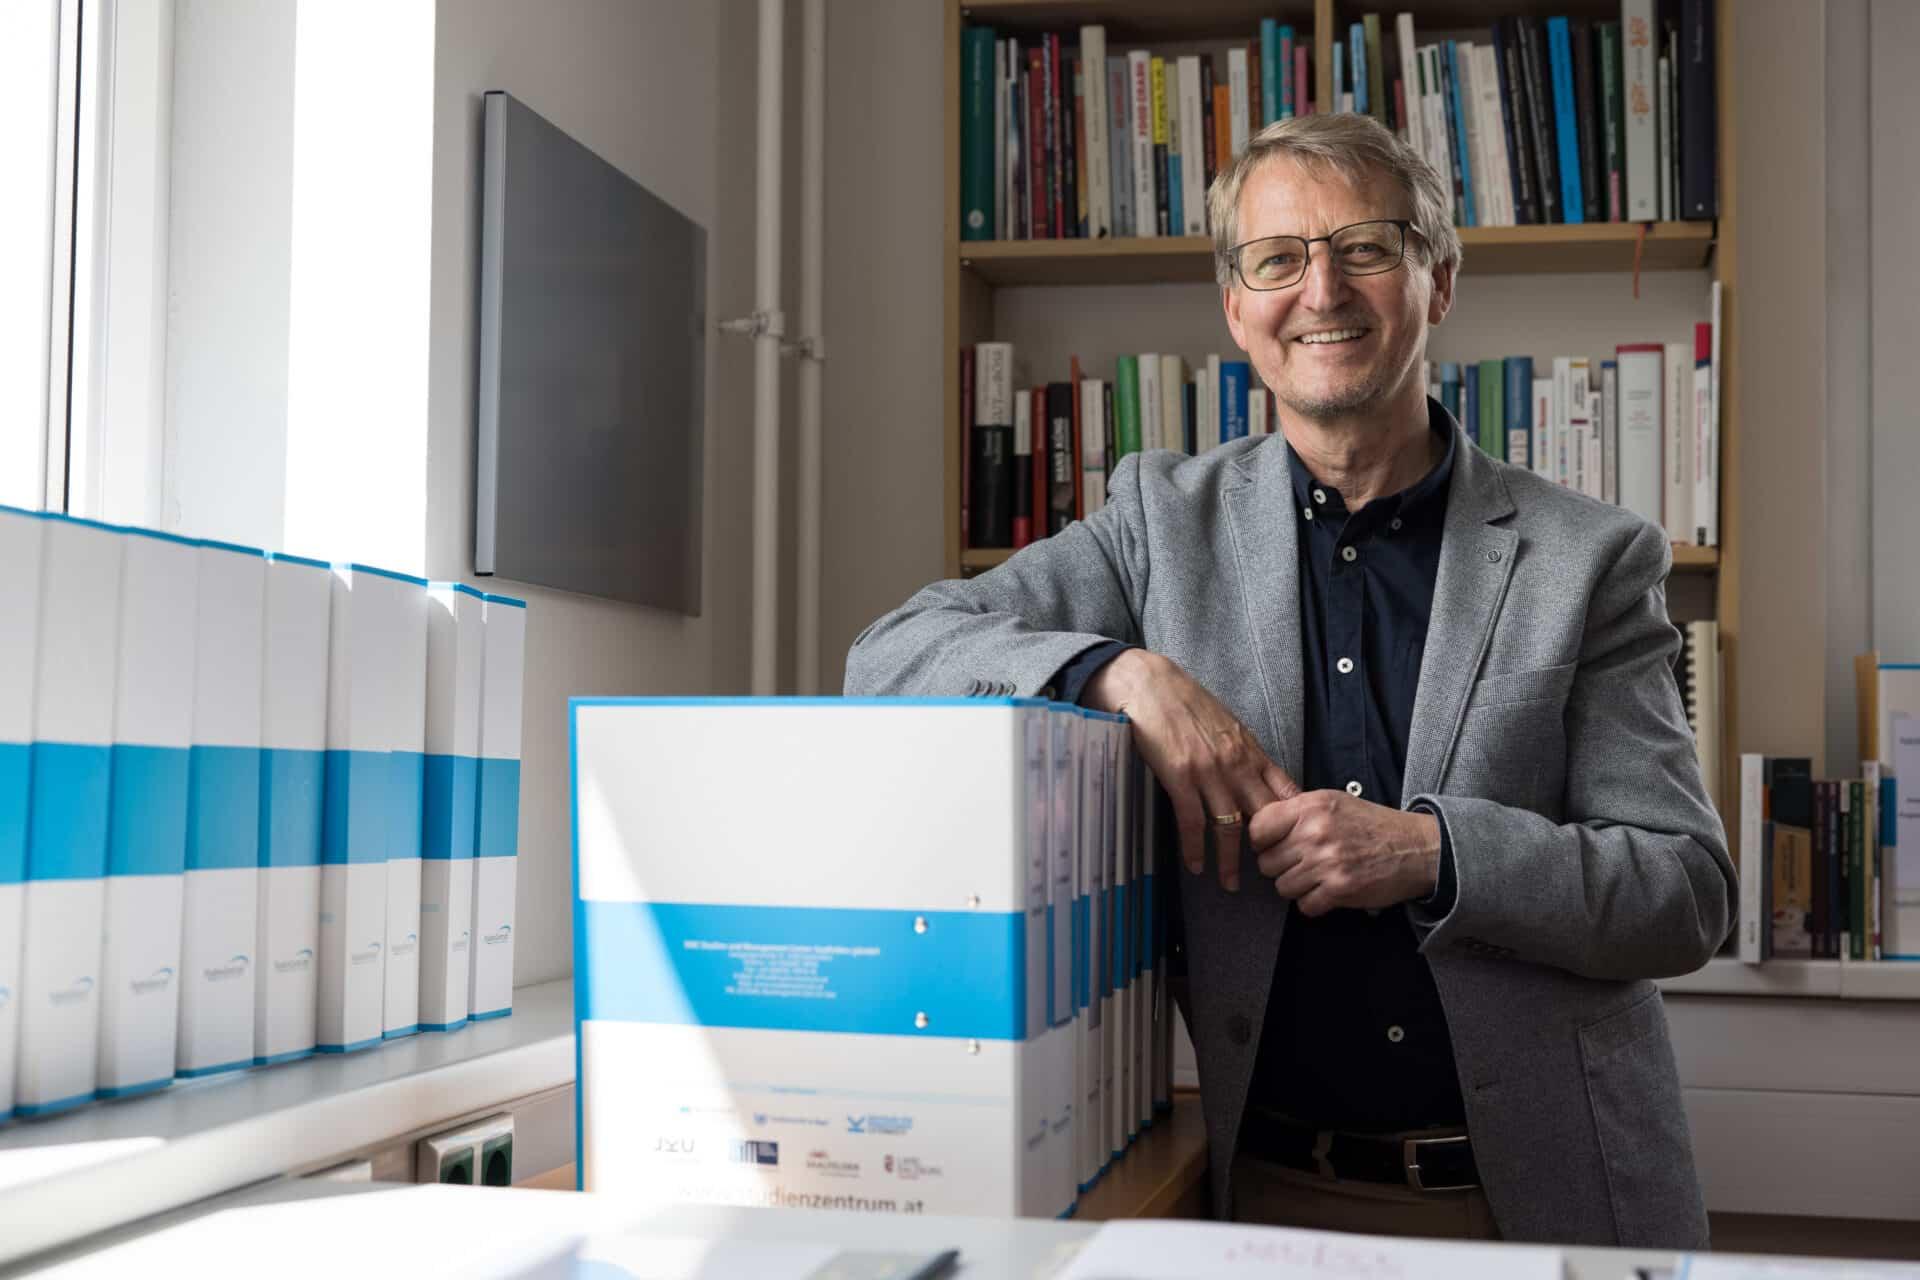 Wolfgang Schäffner stehend im Büro umgeben von Büchern